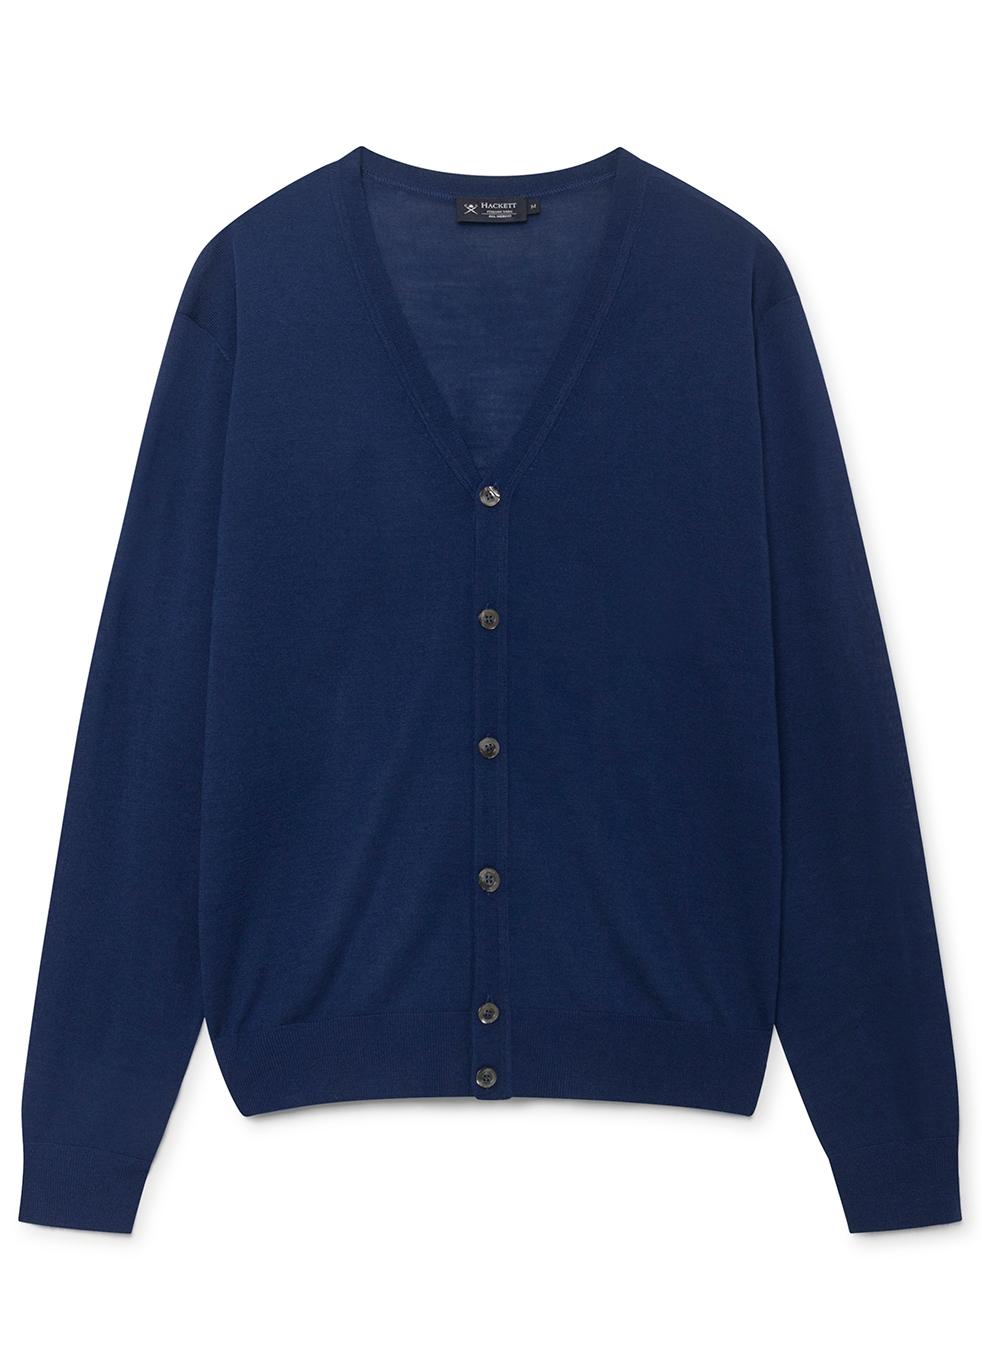 HACKETT Fine Gauge Merino Wool Cardigan in Blue